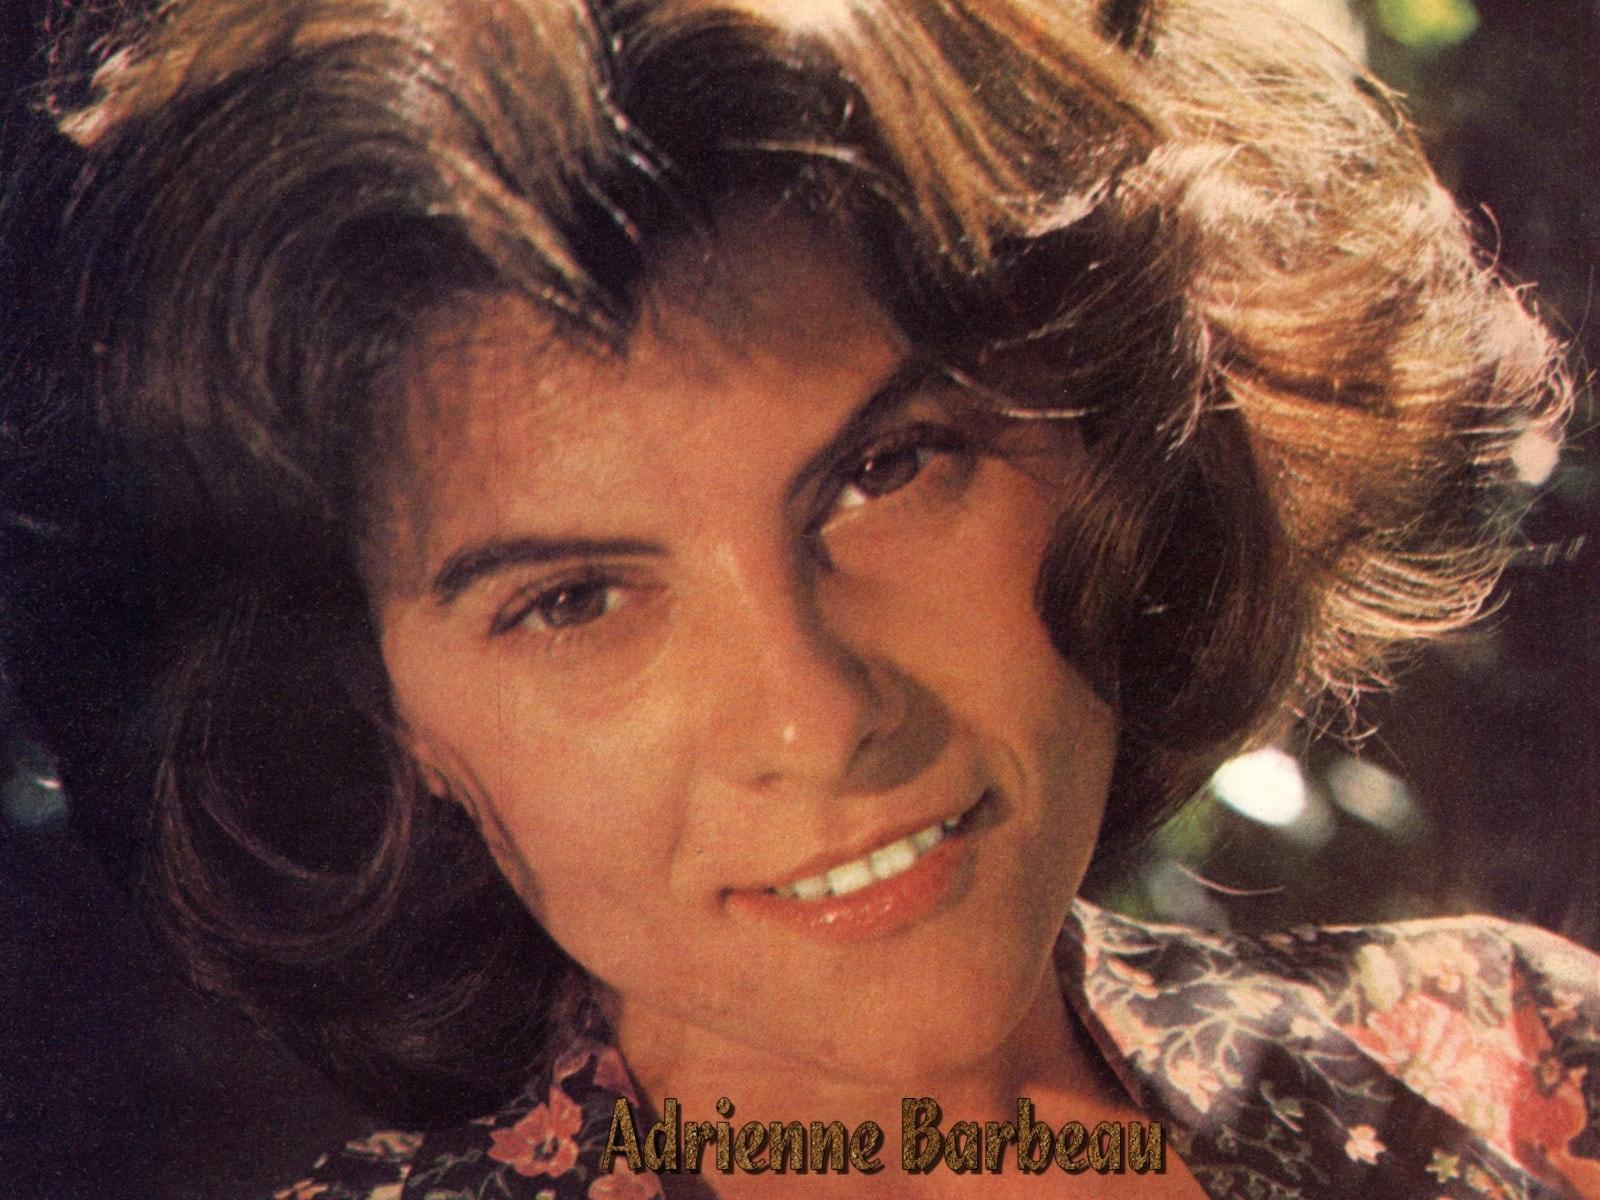 Adrienne Barbeau Widescreen for desktop